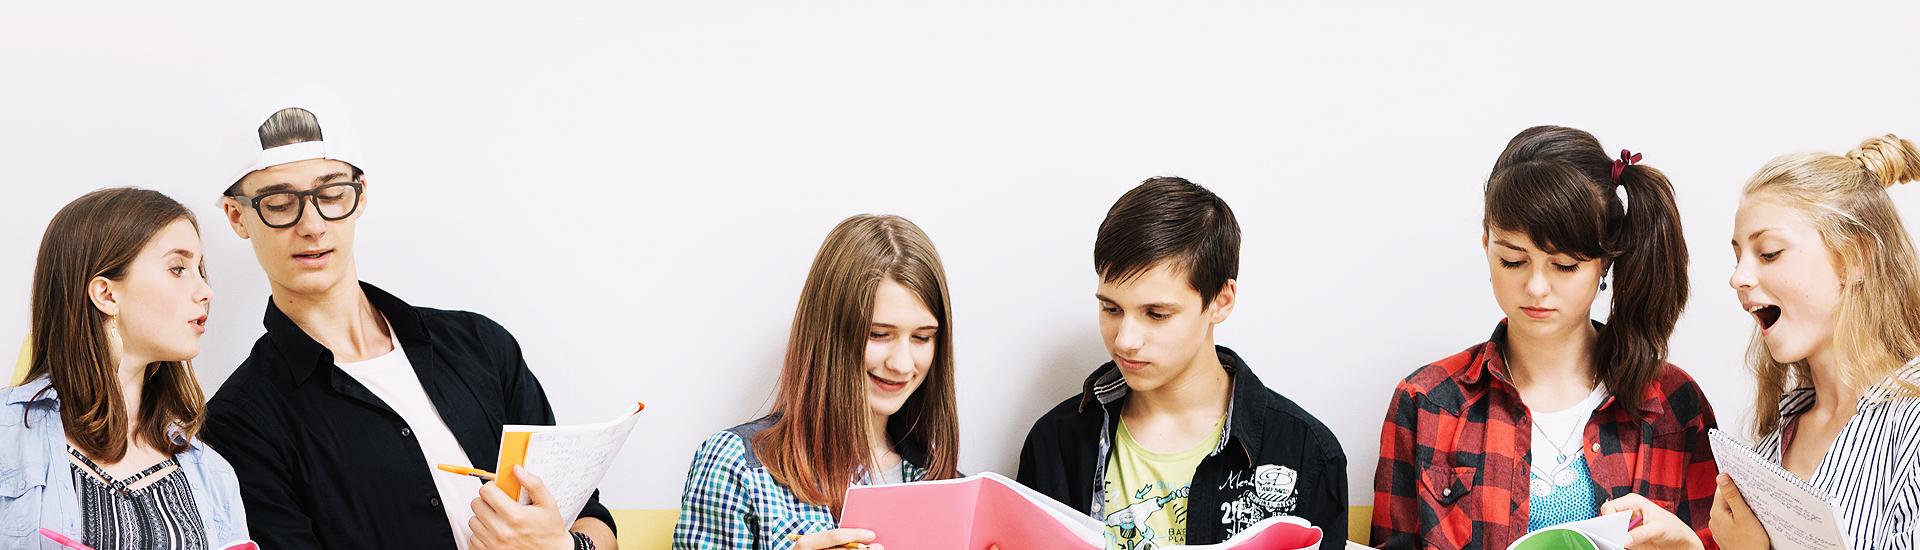 Edukacja wczesnoszkolna i wychowanie przedszkolne.